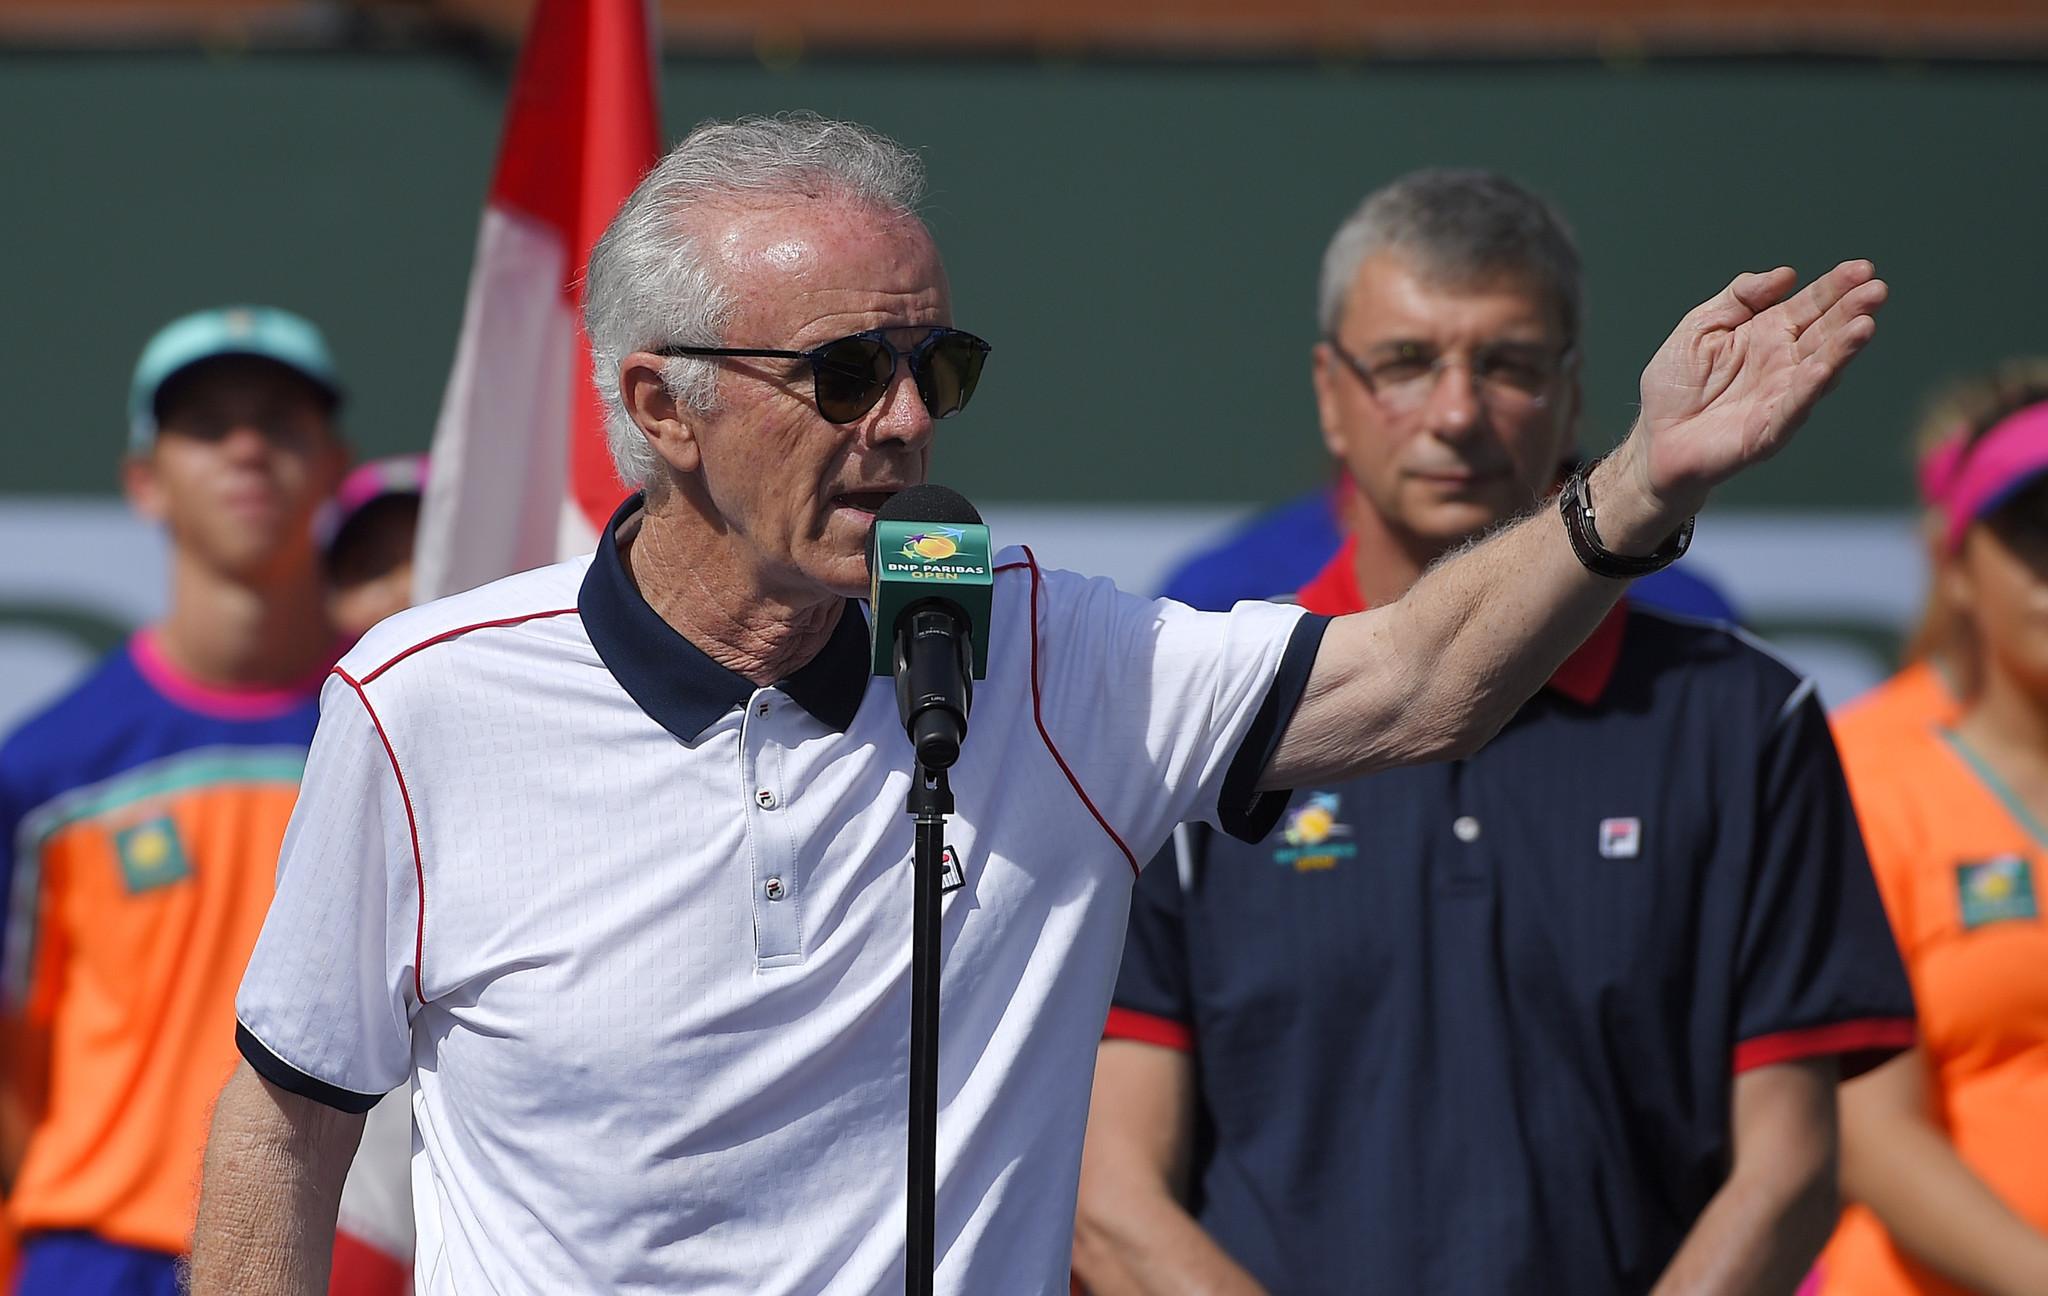 Der ehemalige Turnierdirektor von Indian Wells, Ray Moore, wurde nach seinen Aussagen entlassen.